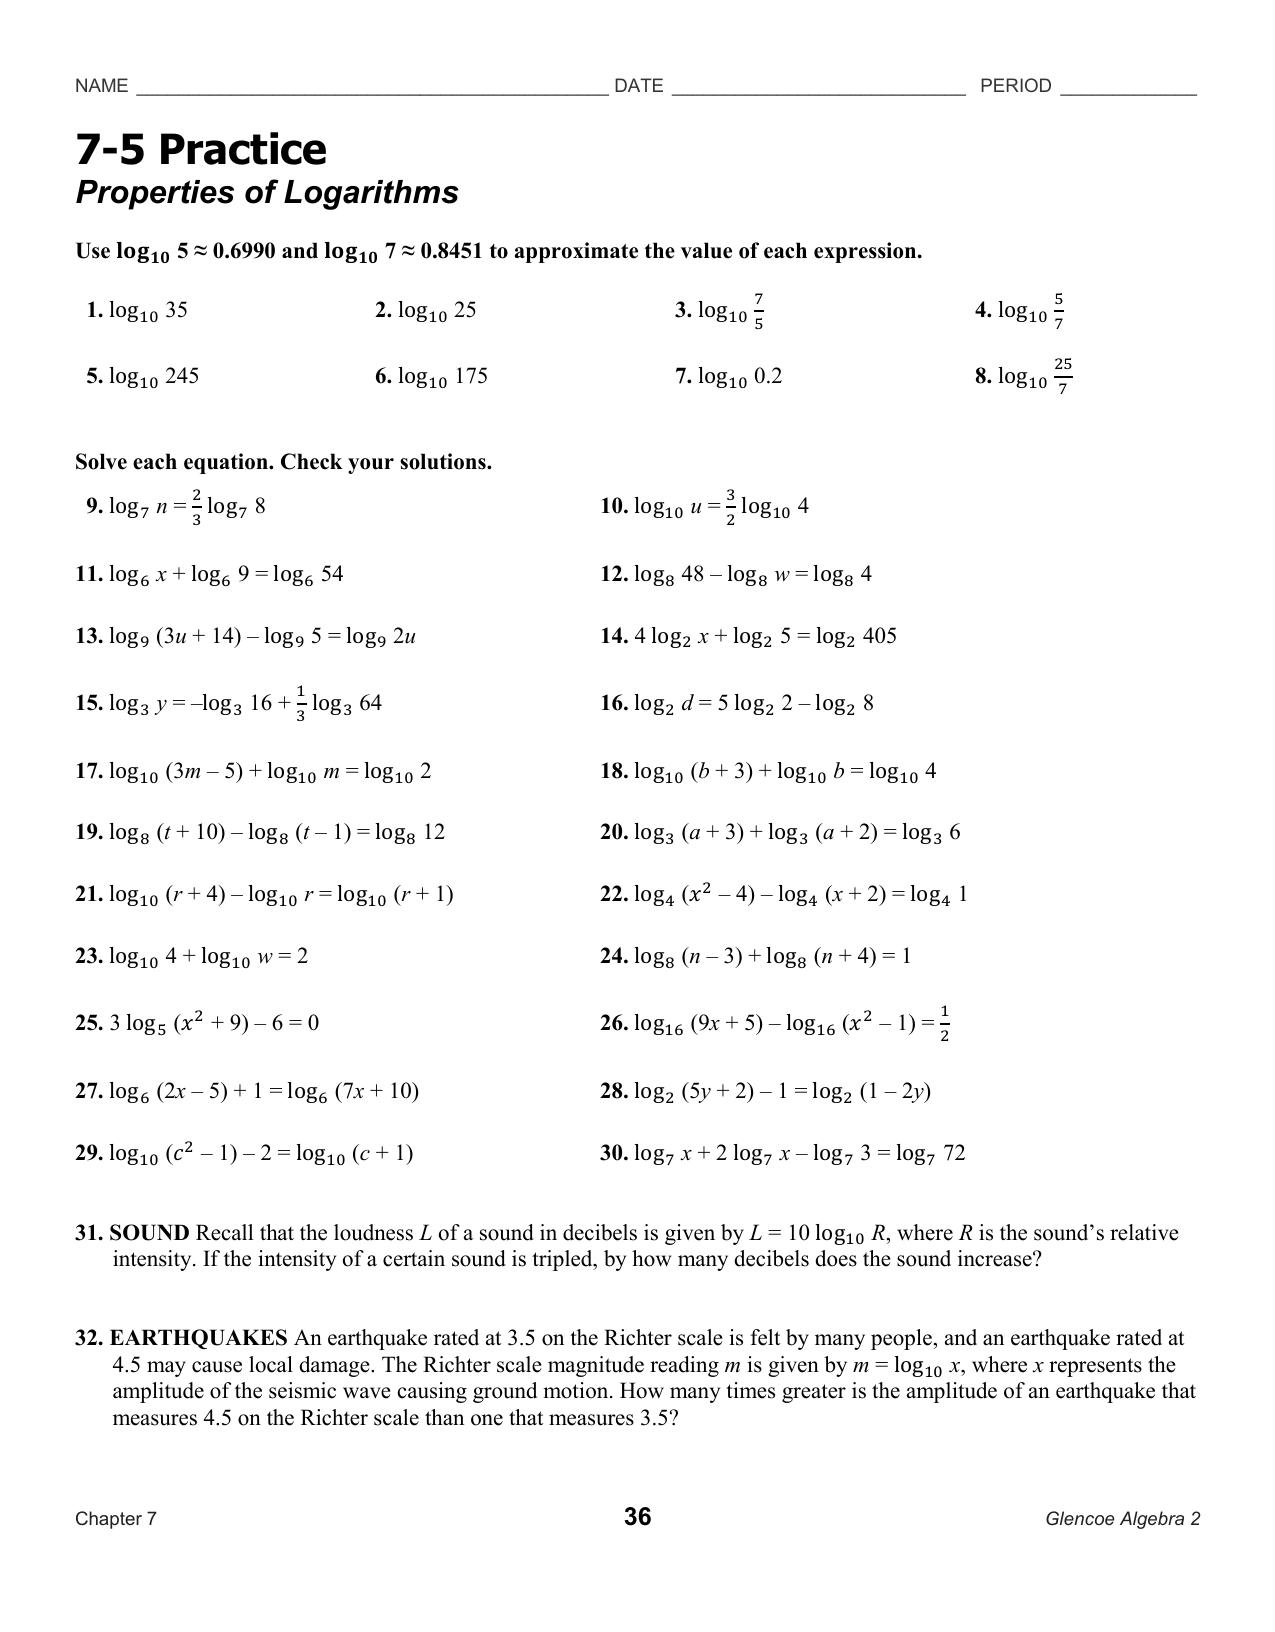 Lesson 7.5 Worksheet - MOC-FV